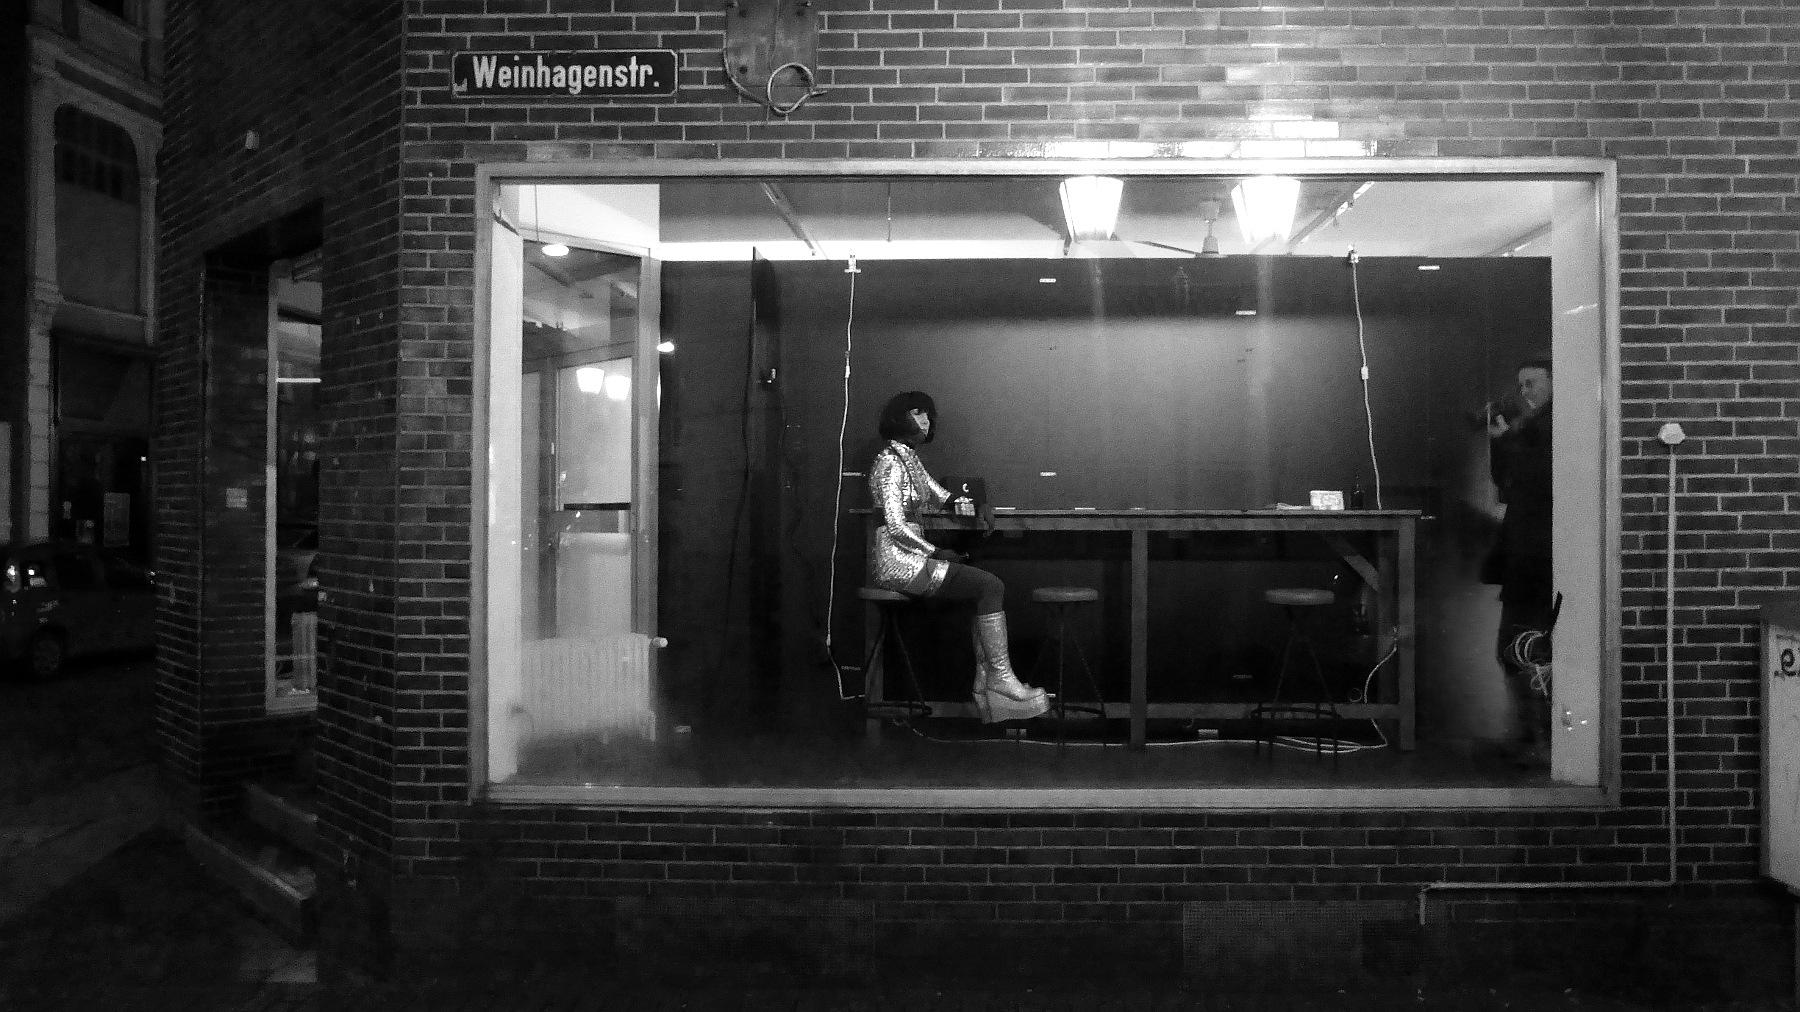 Pub window by Gernot Schwarz